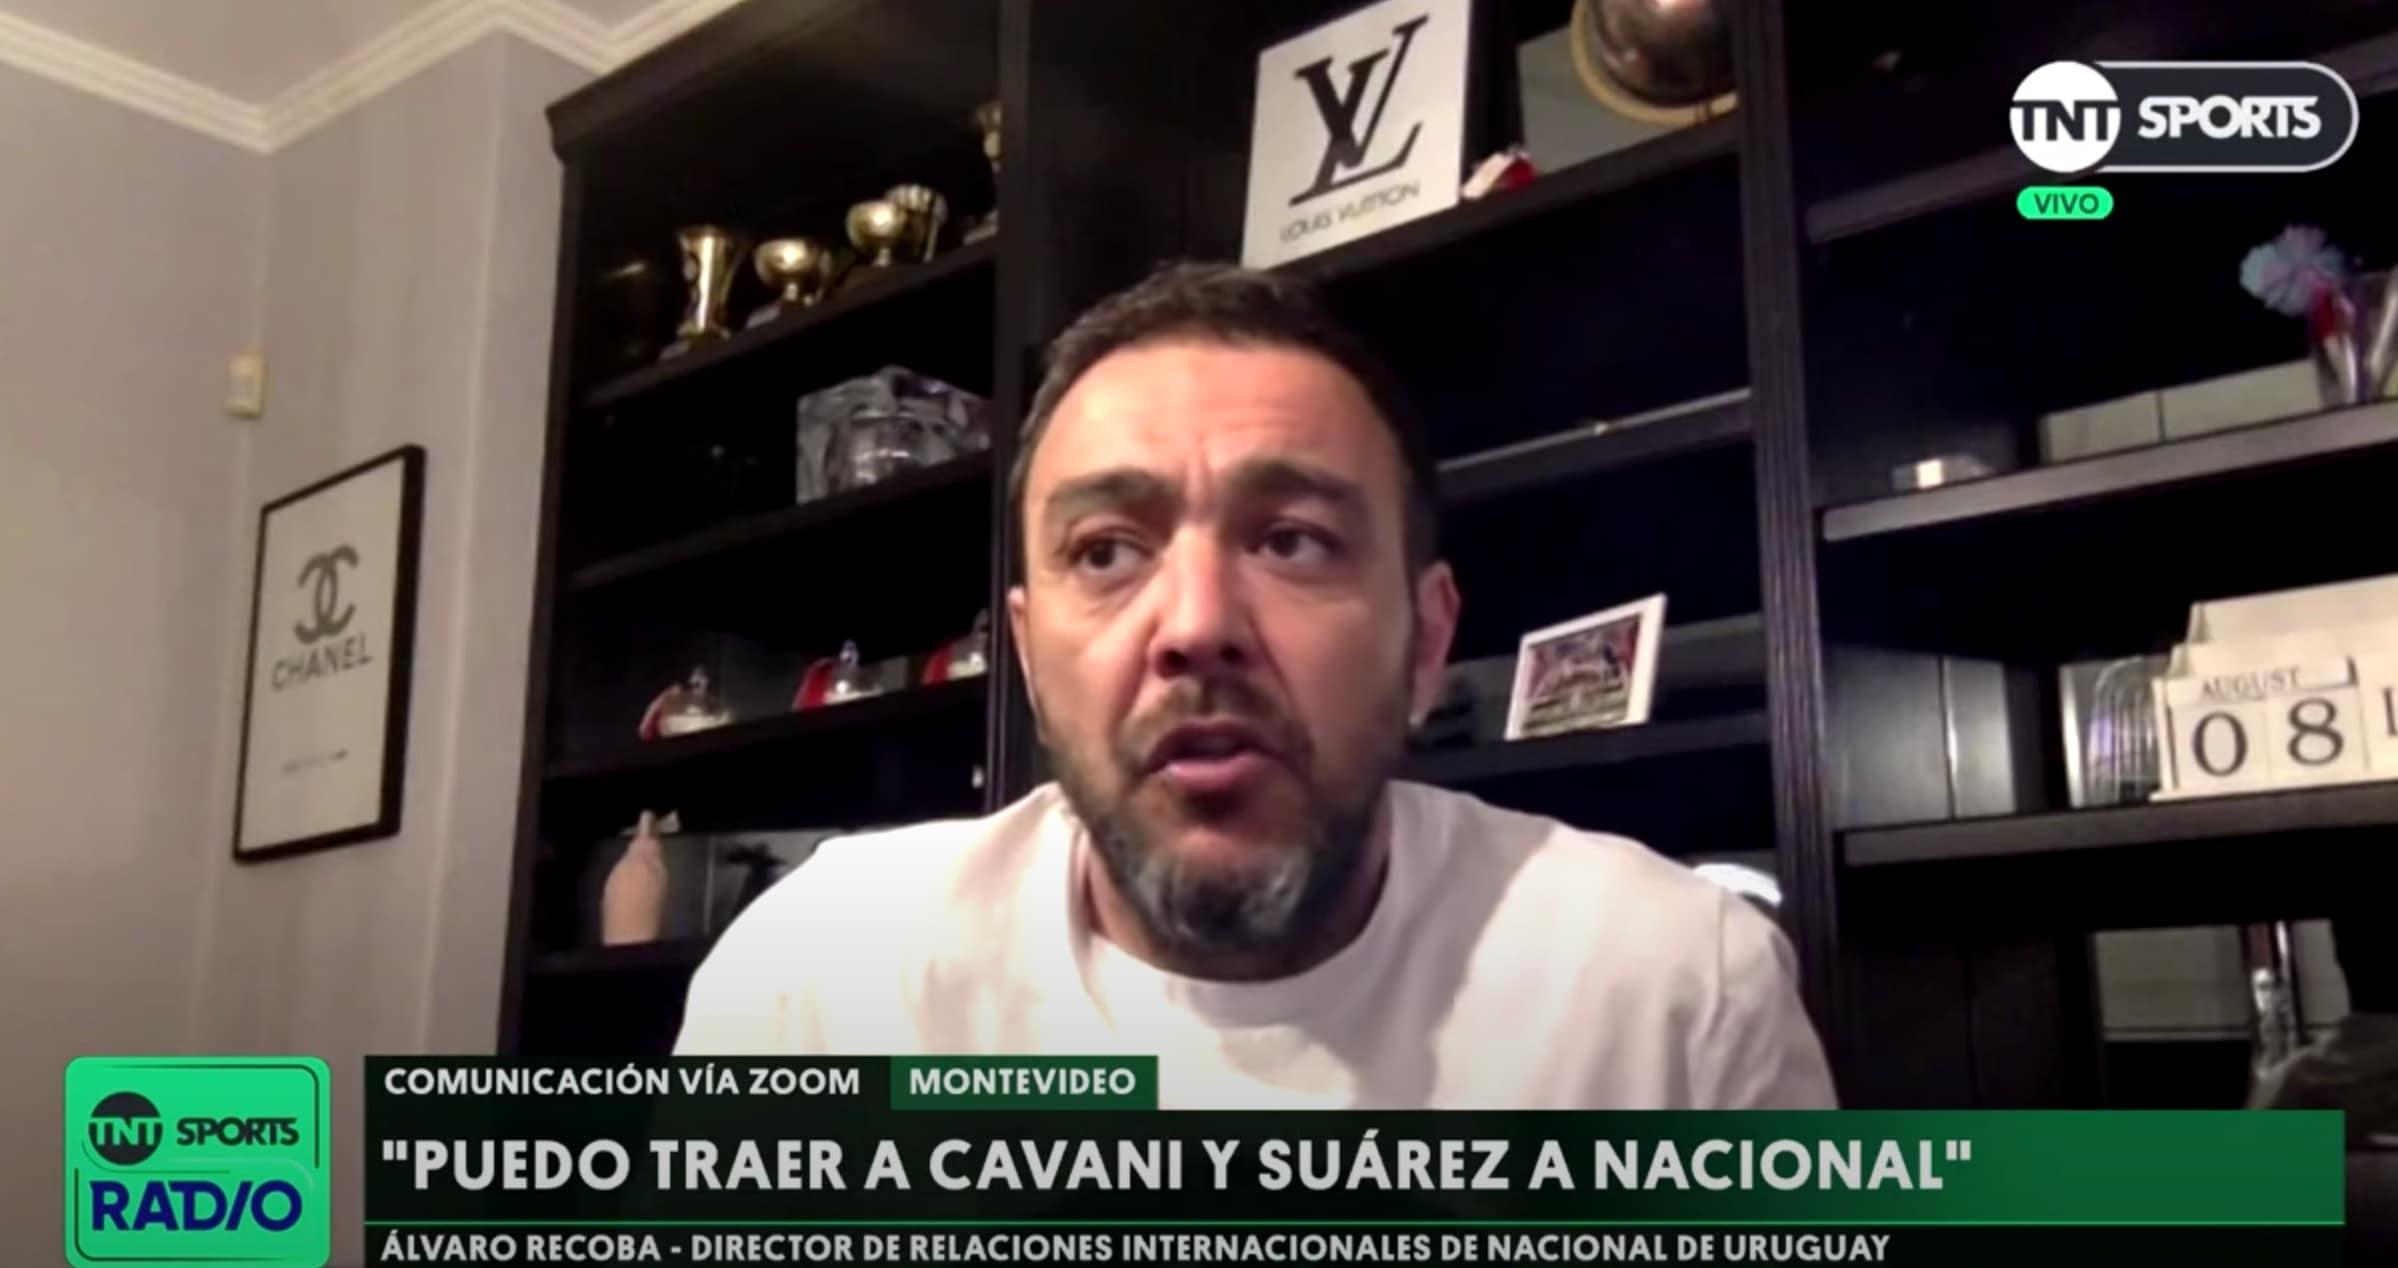 """Recoba avversario Juve: """"Suarez e Cavani al Nacional"""""""